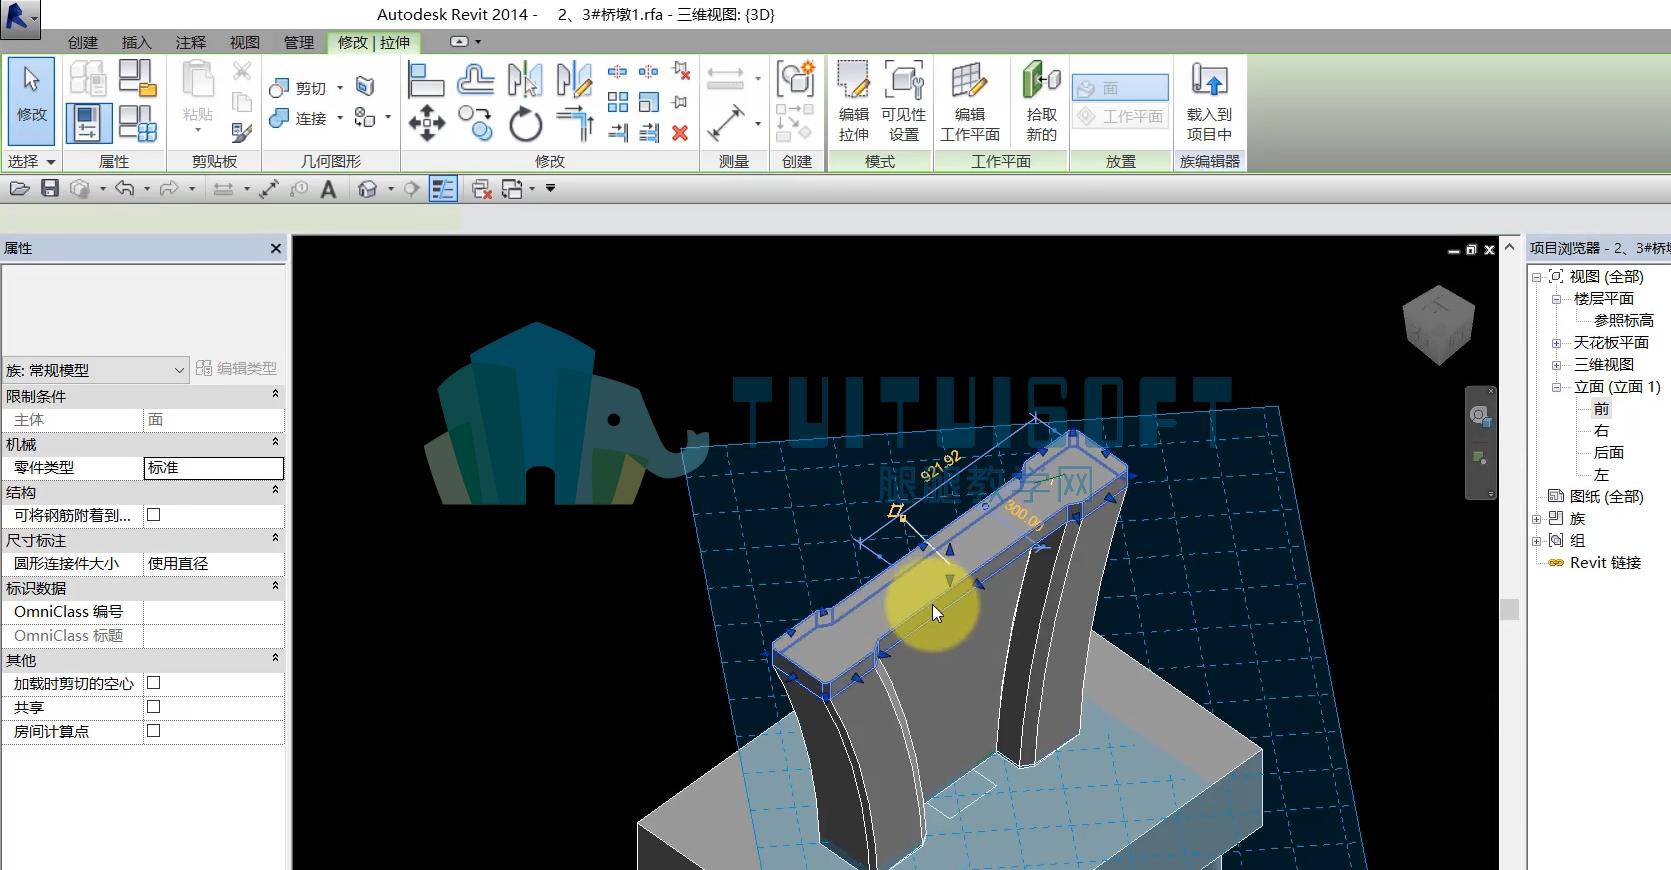 Revit斜拉桥教程化建模视频视频参数教程建筑设计资料v教程图片